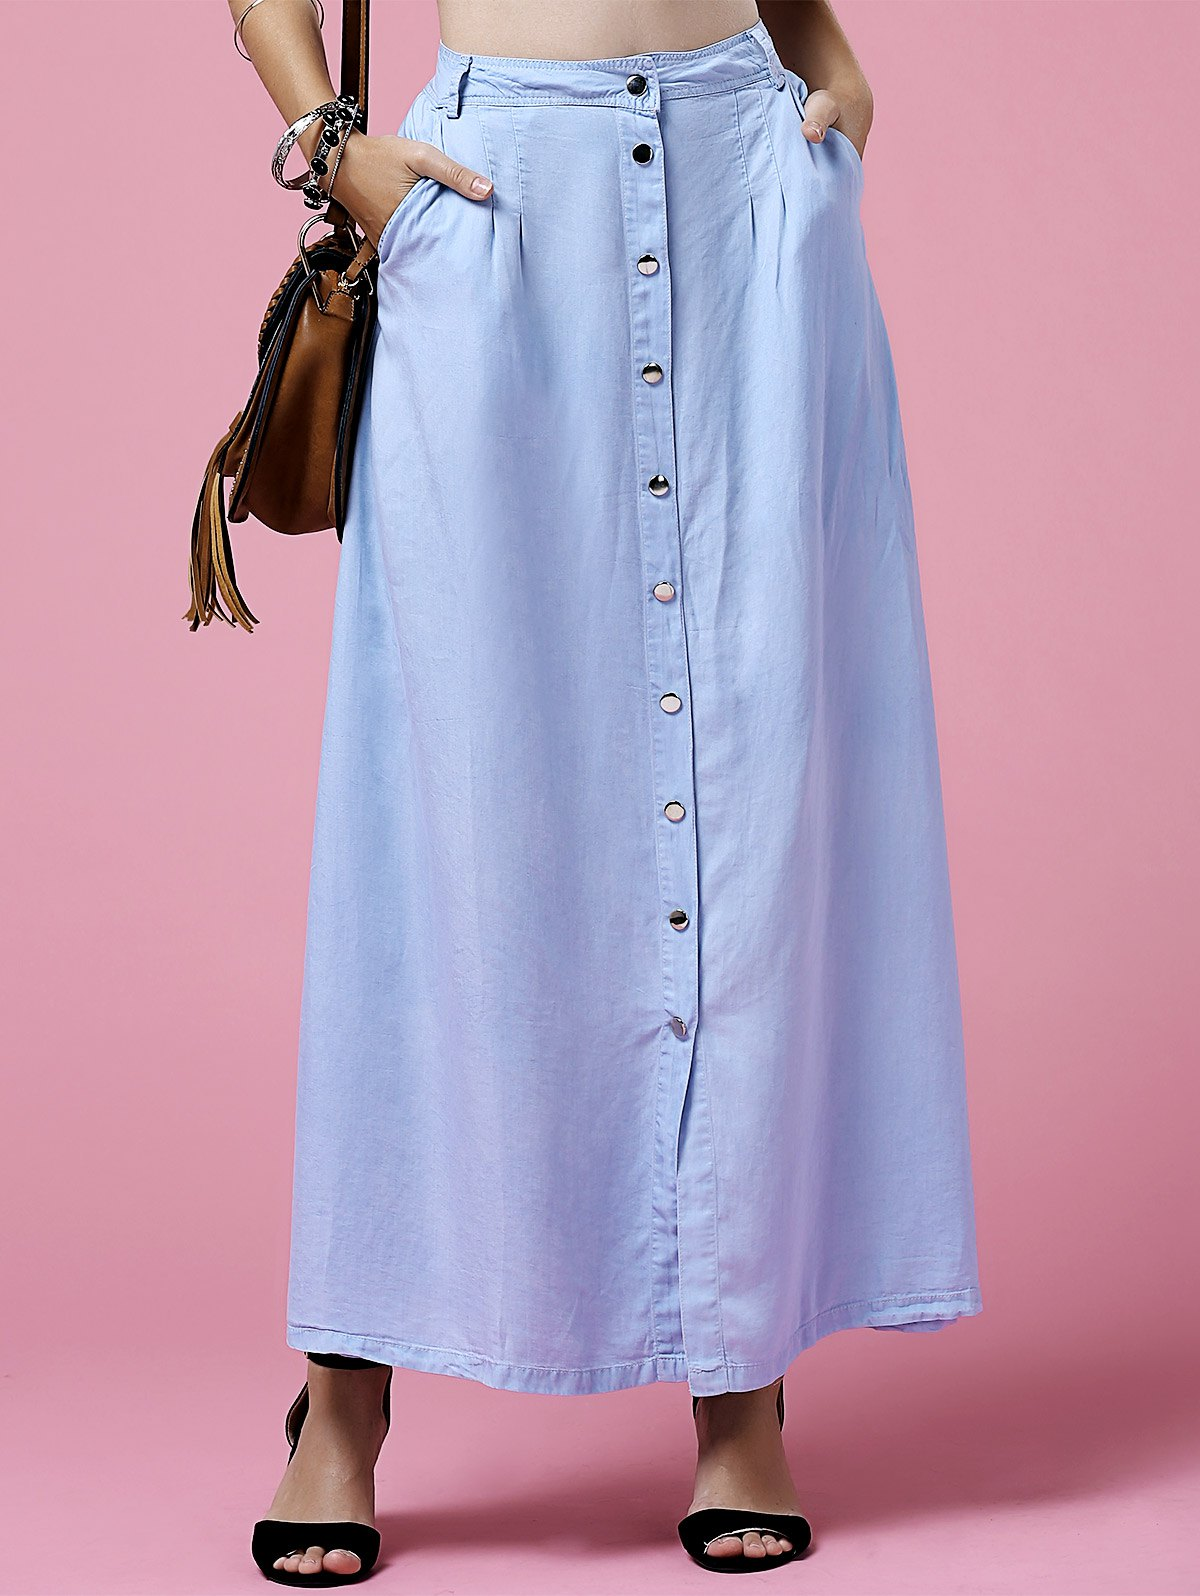 High Neck Light Blue Denim Skirt